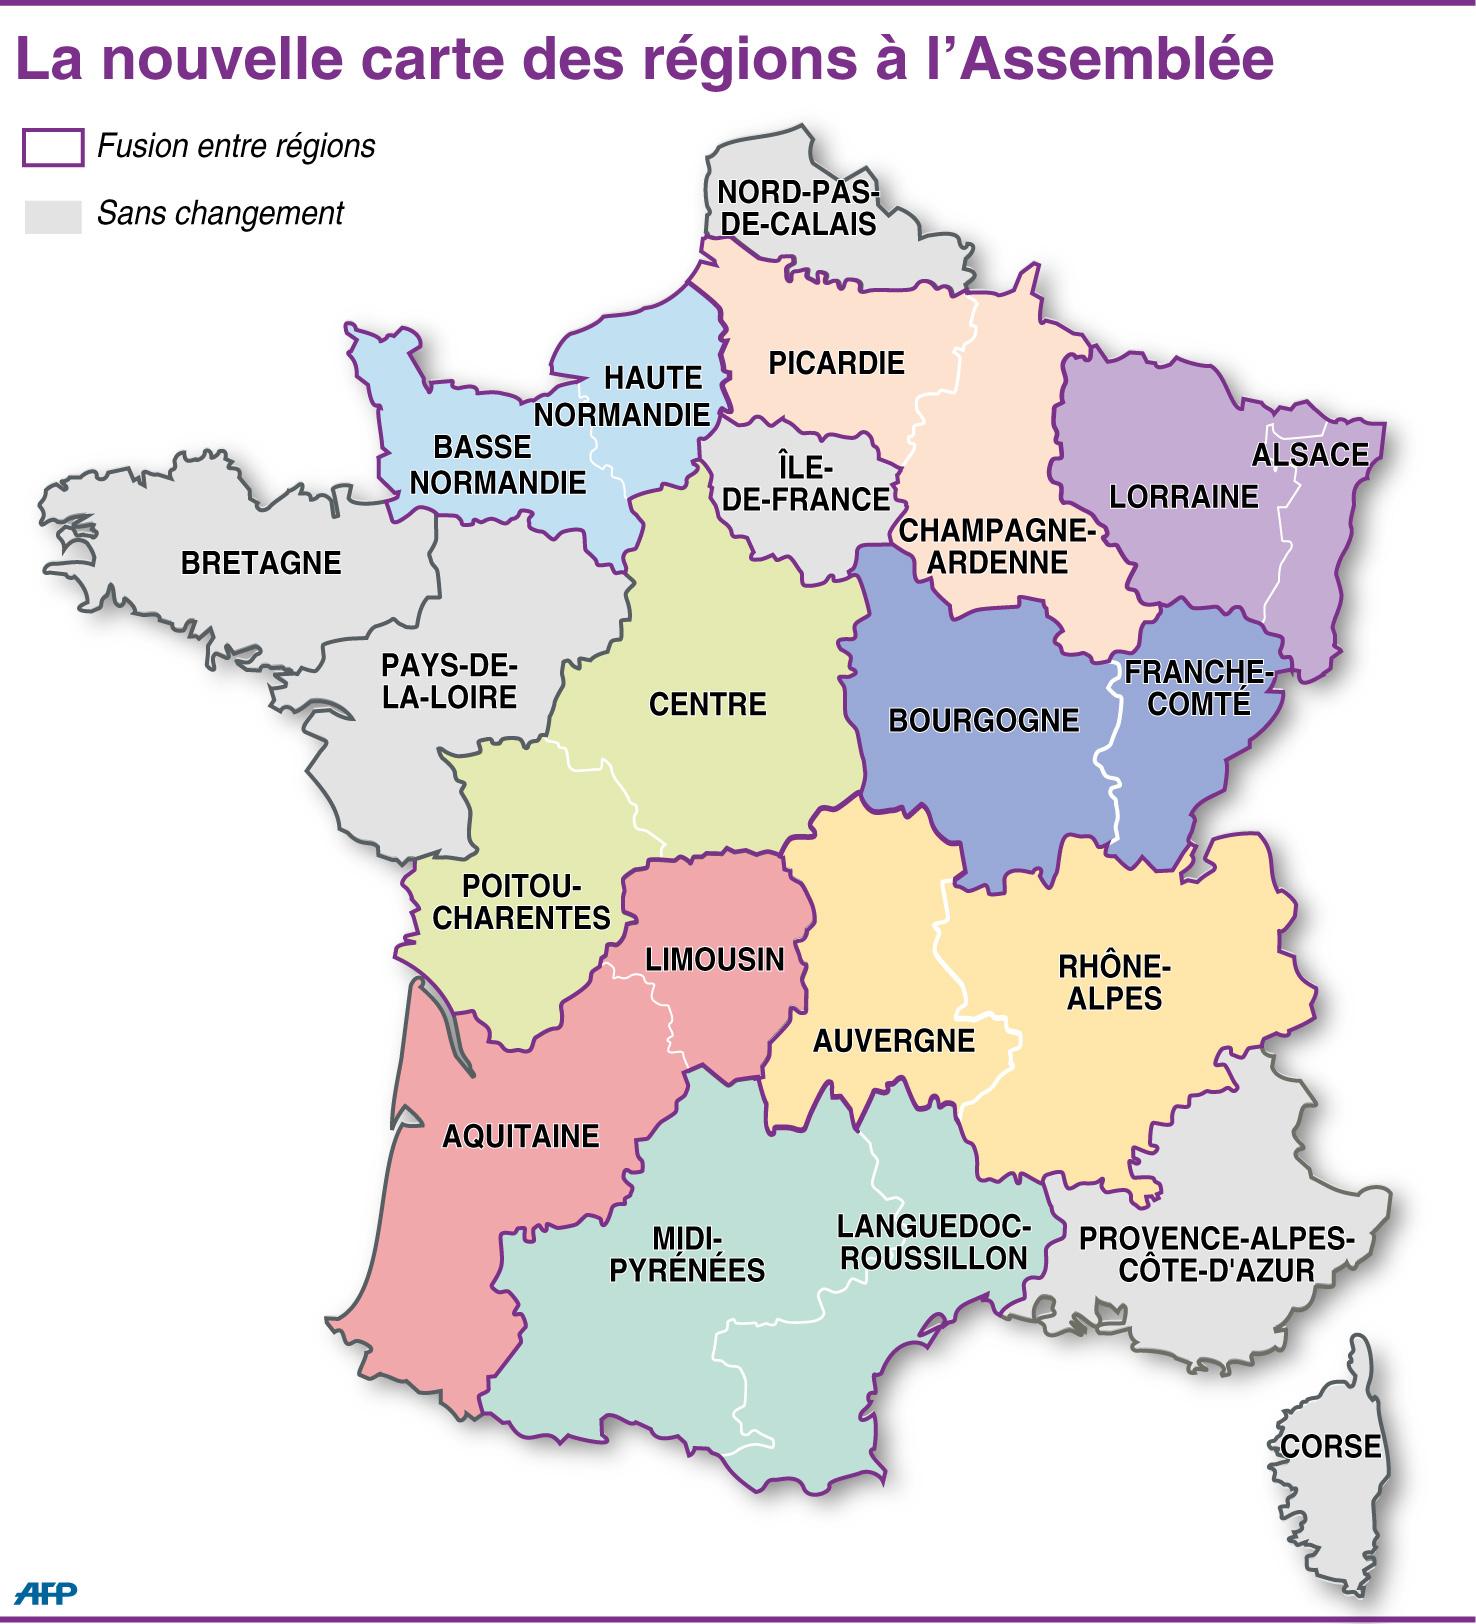 Réforme Territoriale : Les Députés Cherchent Le Consensus serapportantà Les Nouvelles Regions